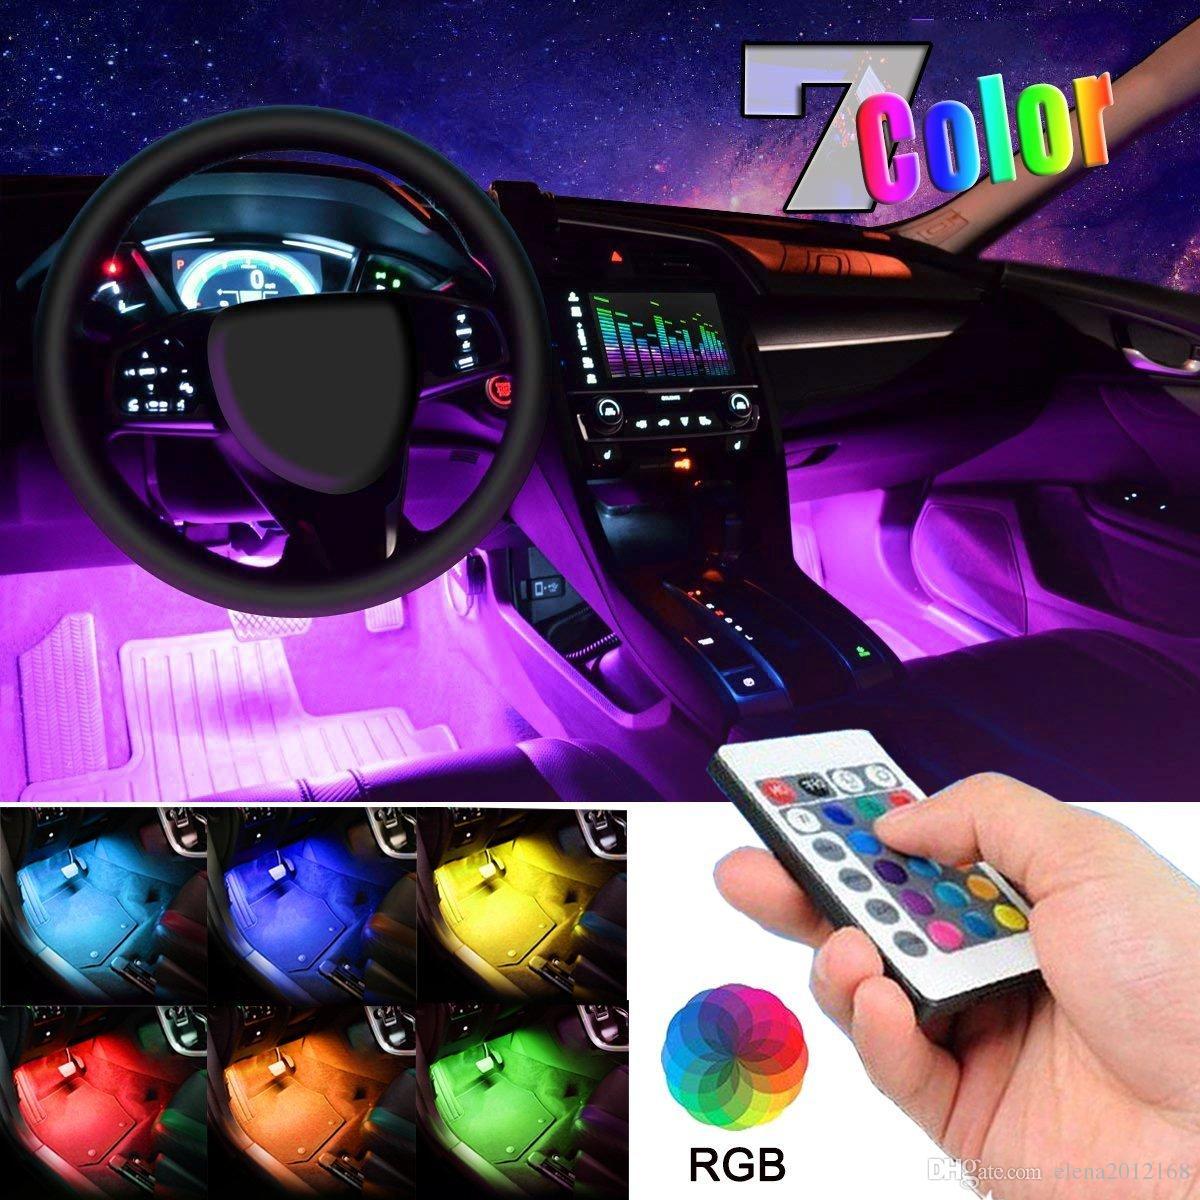 48 LED 멀티 컬러 자동차 RGB 실내 조명 무선 원격 제어 충전기와 대시 조명 키트 아래